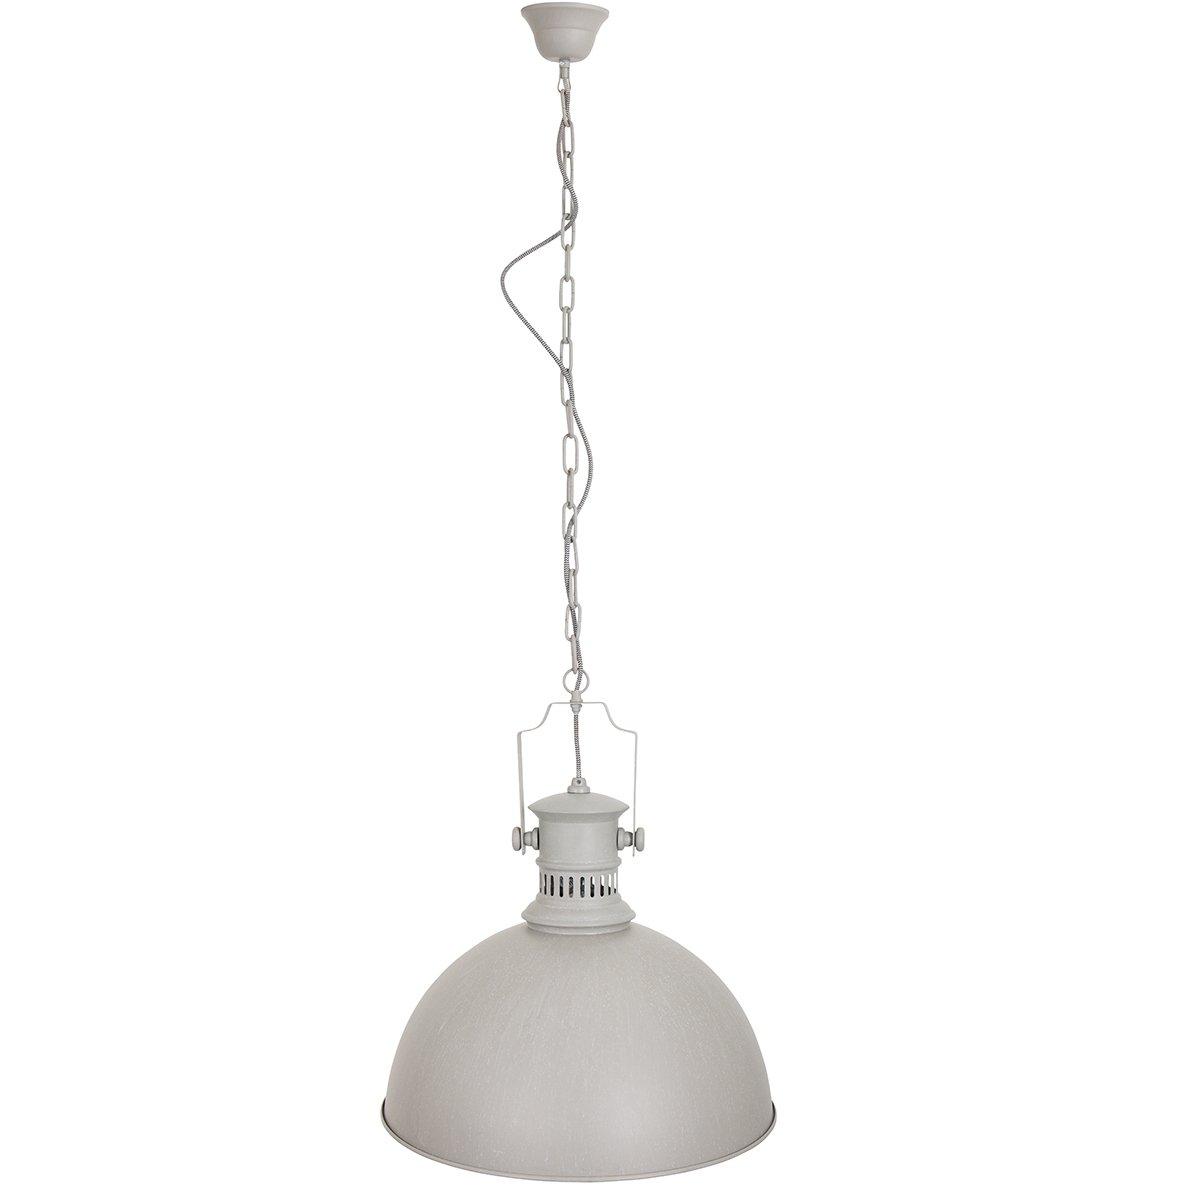 Steinhauer Landelijke hanglamp Mexlite Steinhauer 7741W